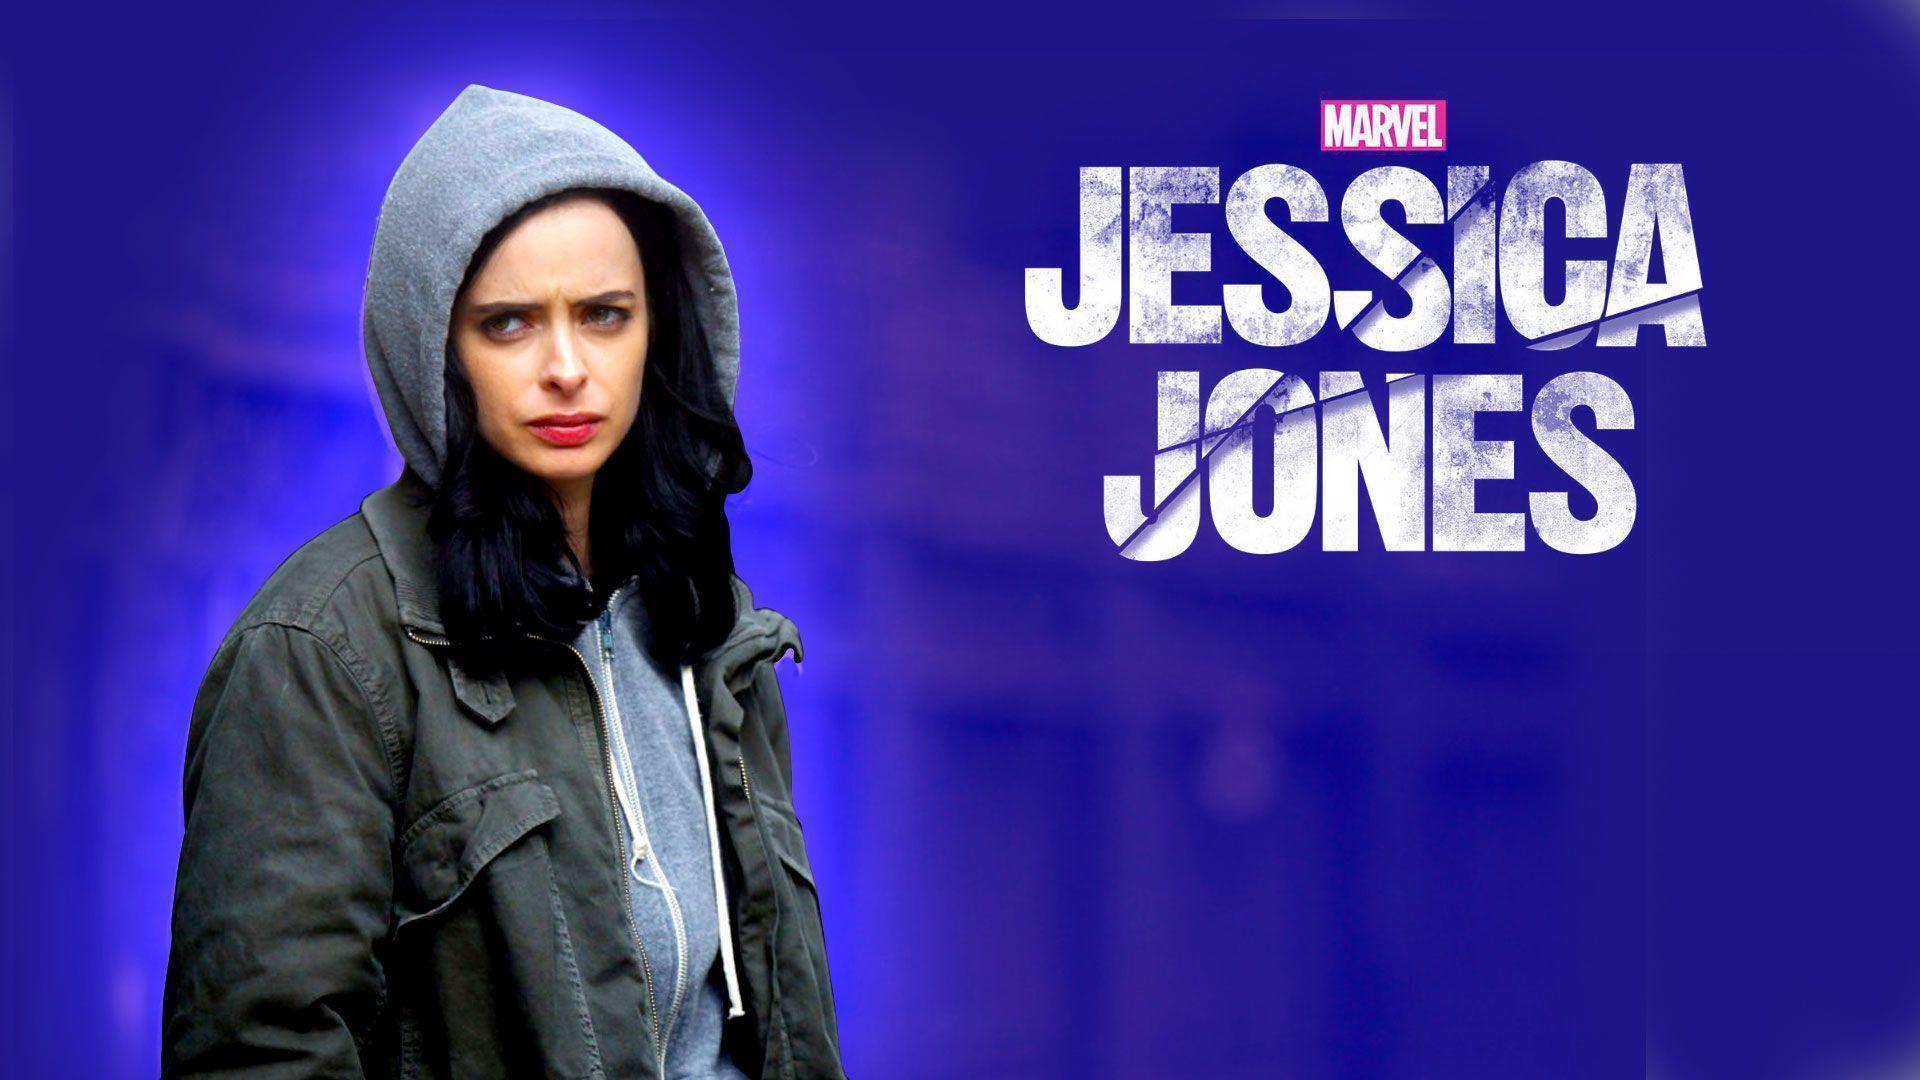 Download Jessica Jones Wallpaper Hd Backgrounds Download